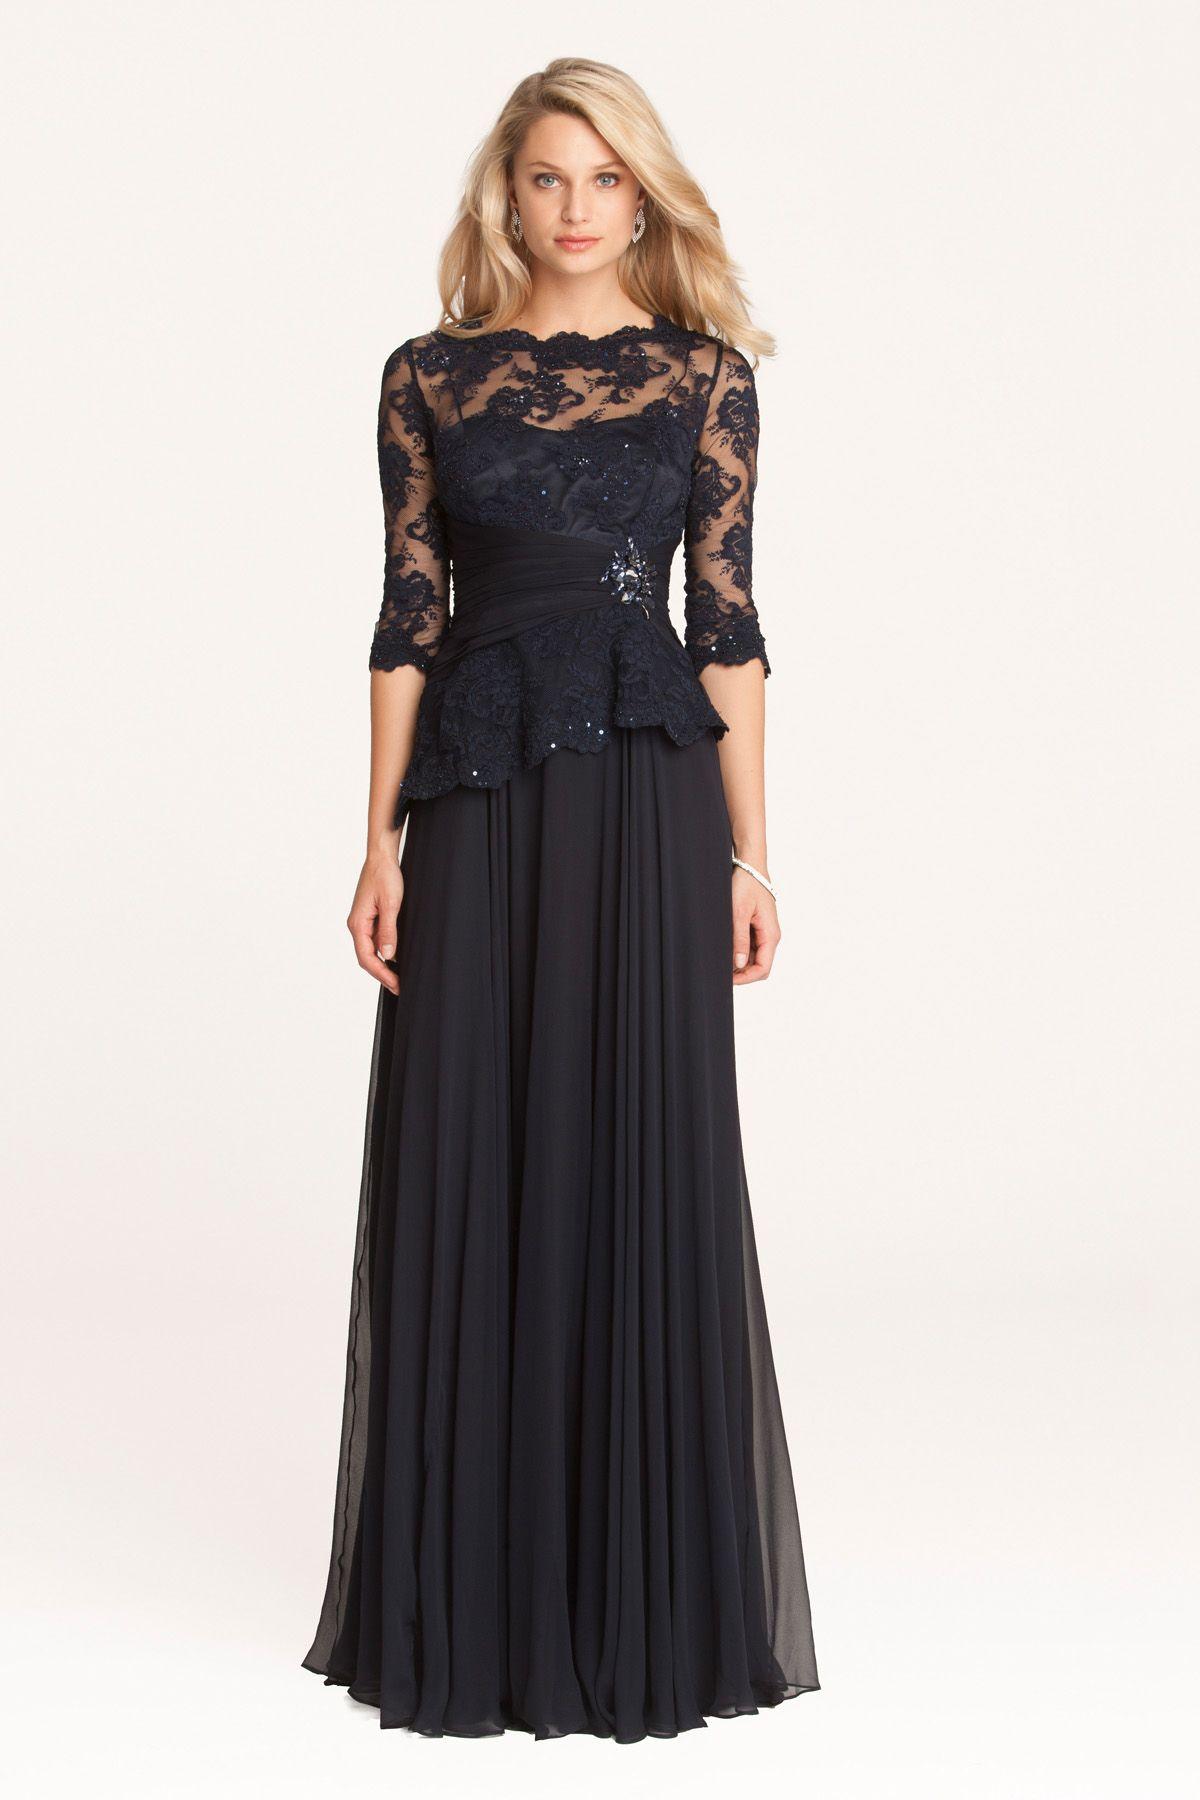 Teri Jon Lace And Chiffon Peplum Gown Teri Jon Wedding